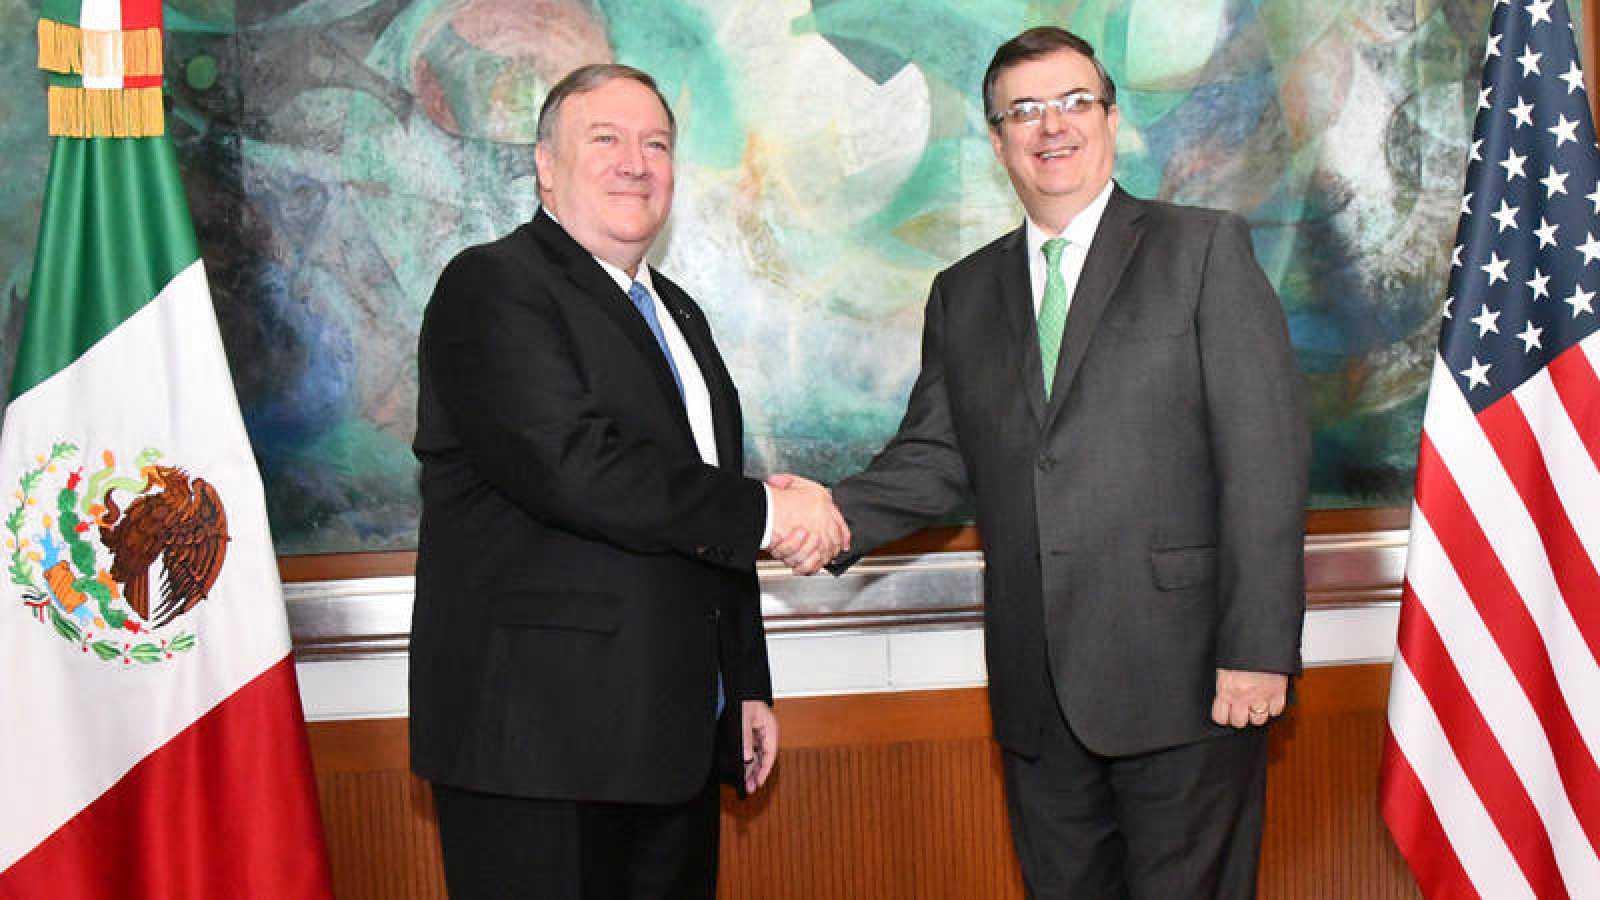 El secretario de Relaciones Exteriores de México, Marcelo Ebrard, durante un encuentro con el Secretario de Estado de EE.UU., Mike Pompeo, en la sede diplomática mexicana en Ciudad de México